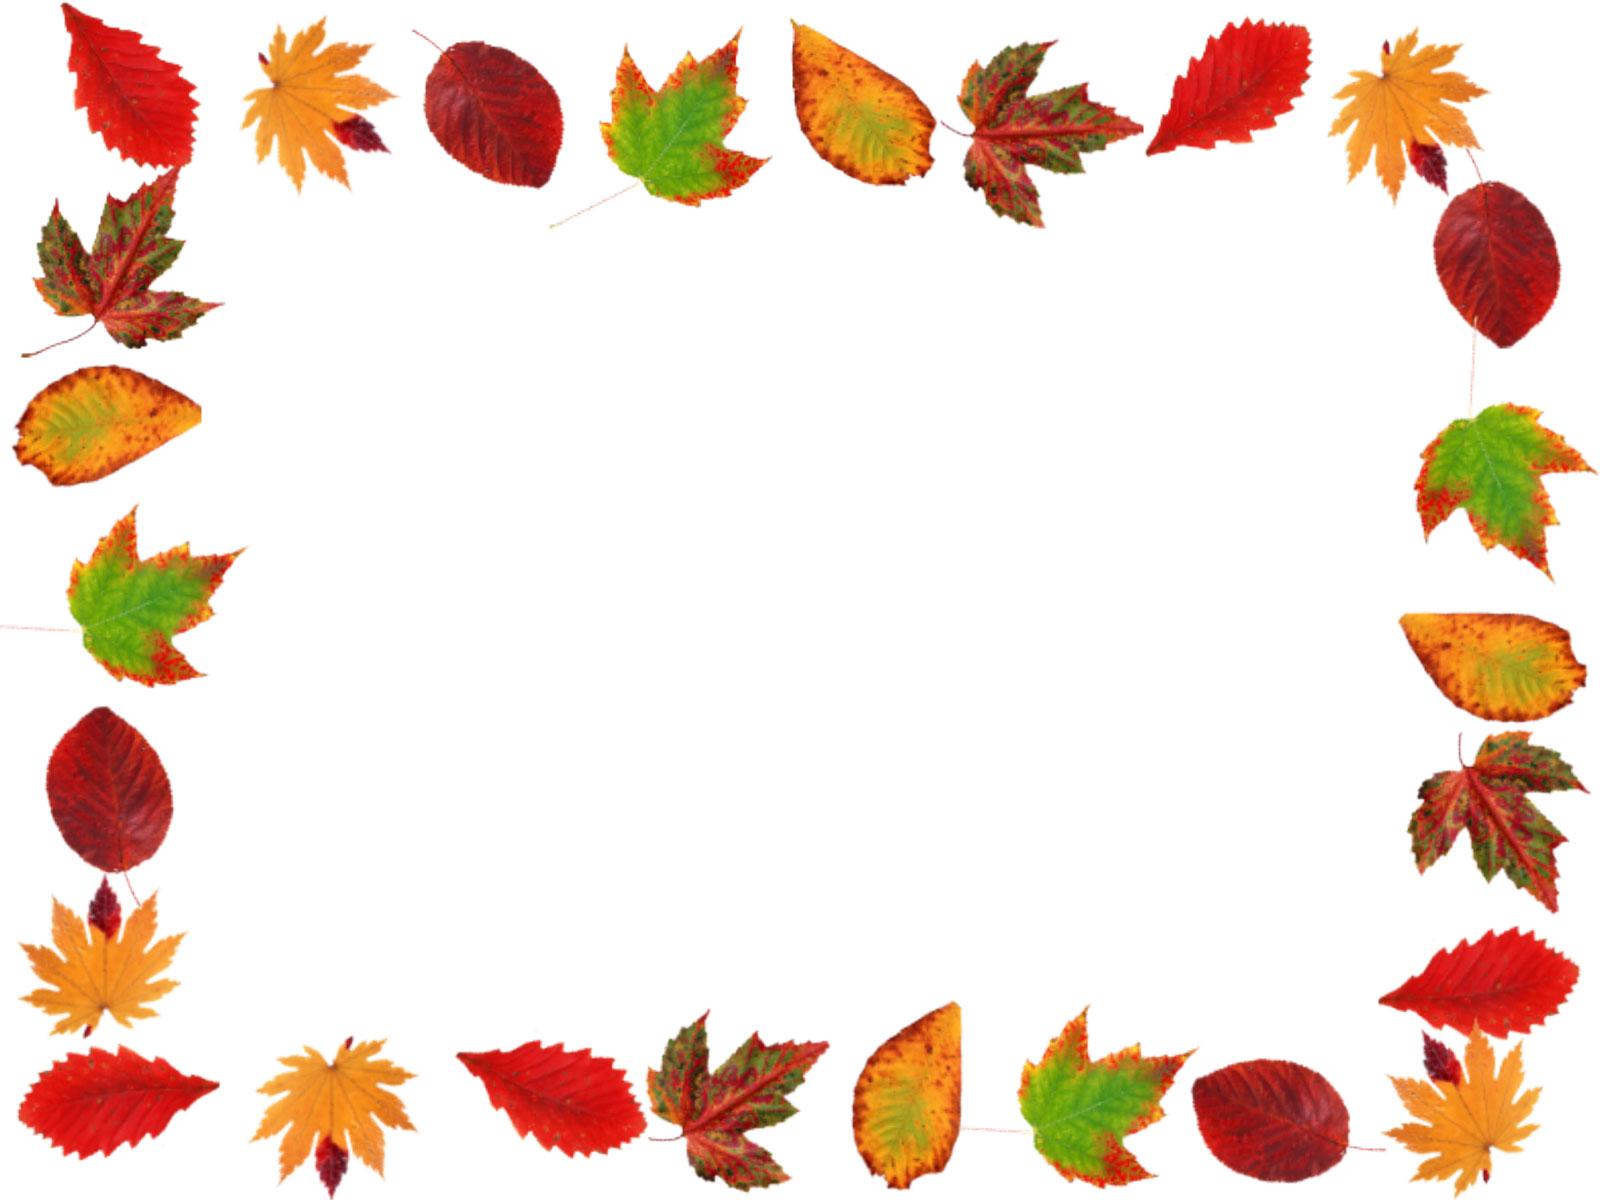 葉っぱ・草木のイラスト・フリー素材/フレーム枠no.1020『秋の紅葉』